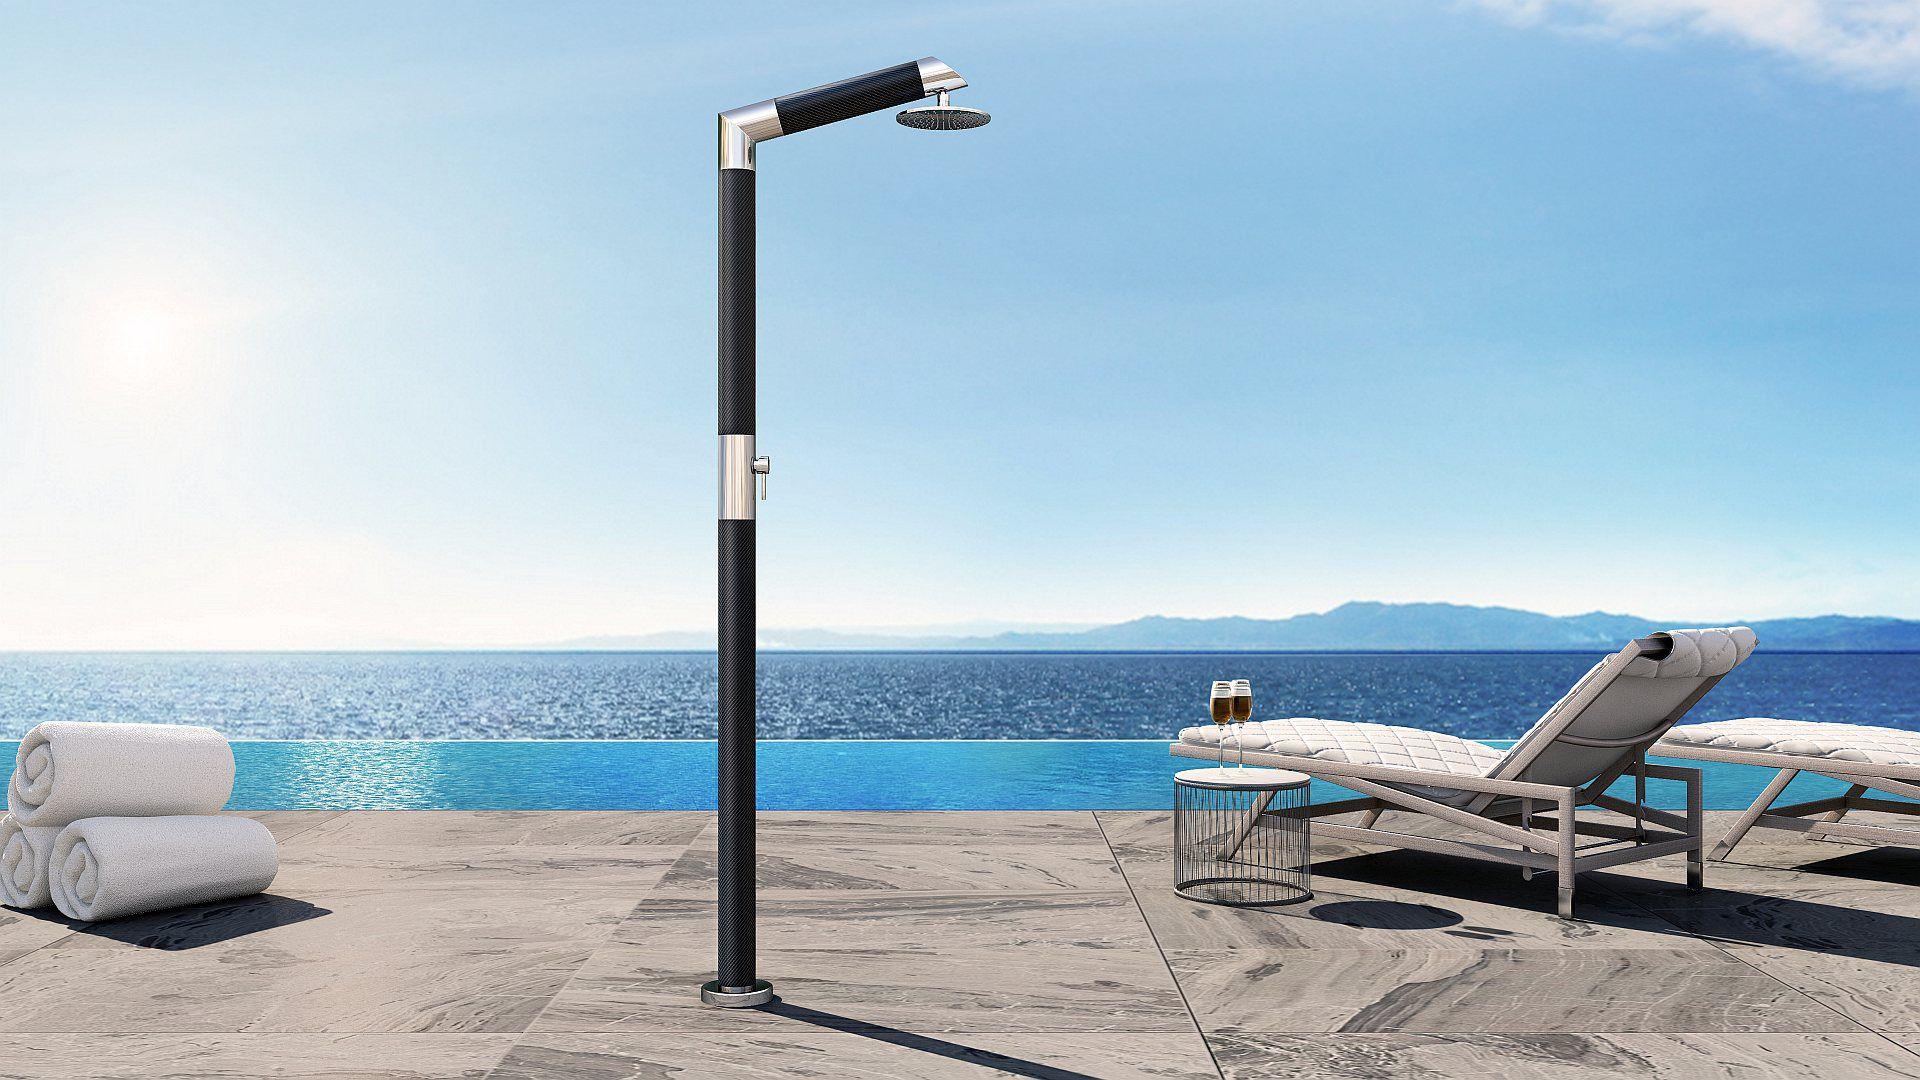 Doccia da esterno per piscina in acciaio inossidabile carbon